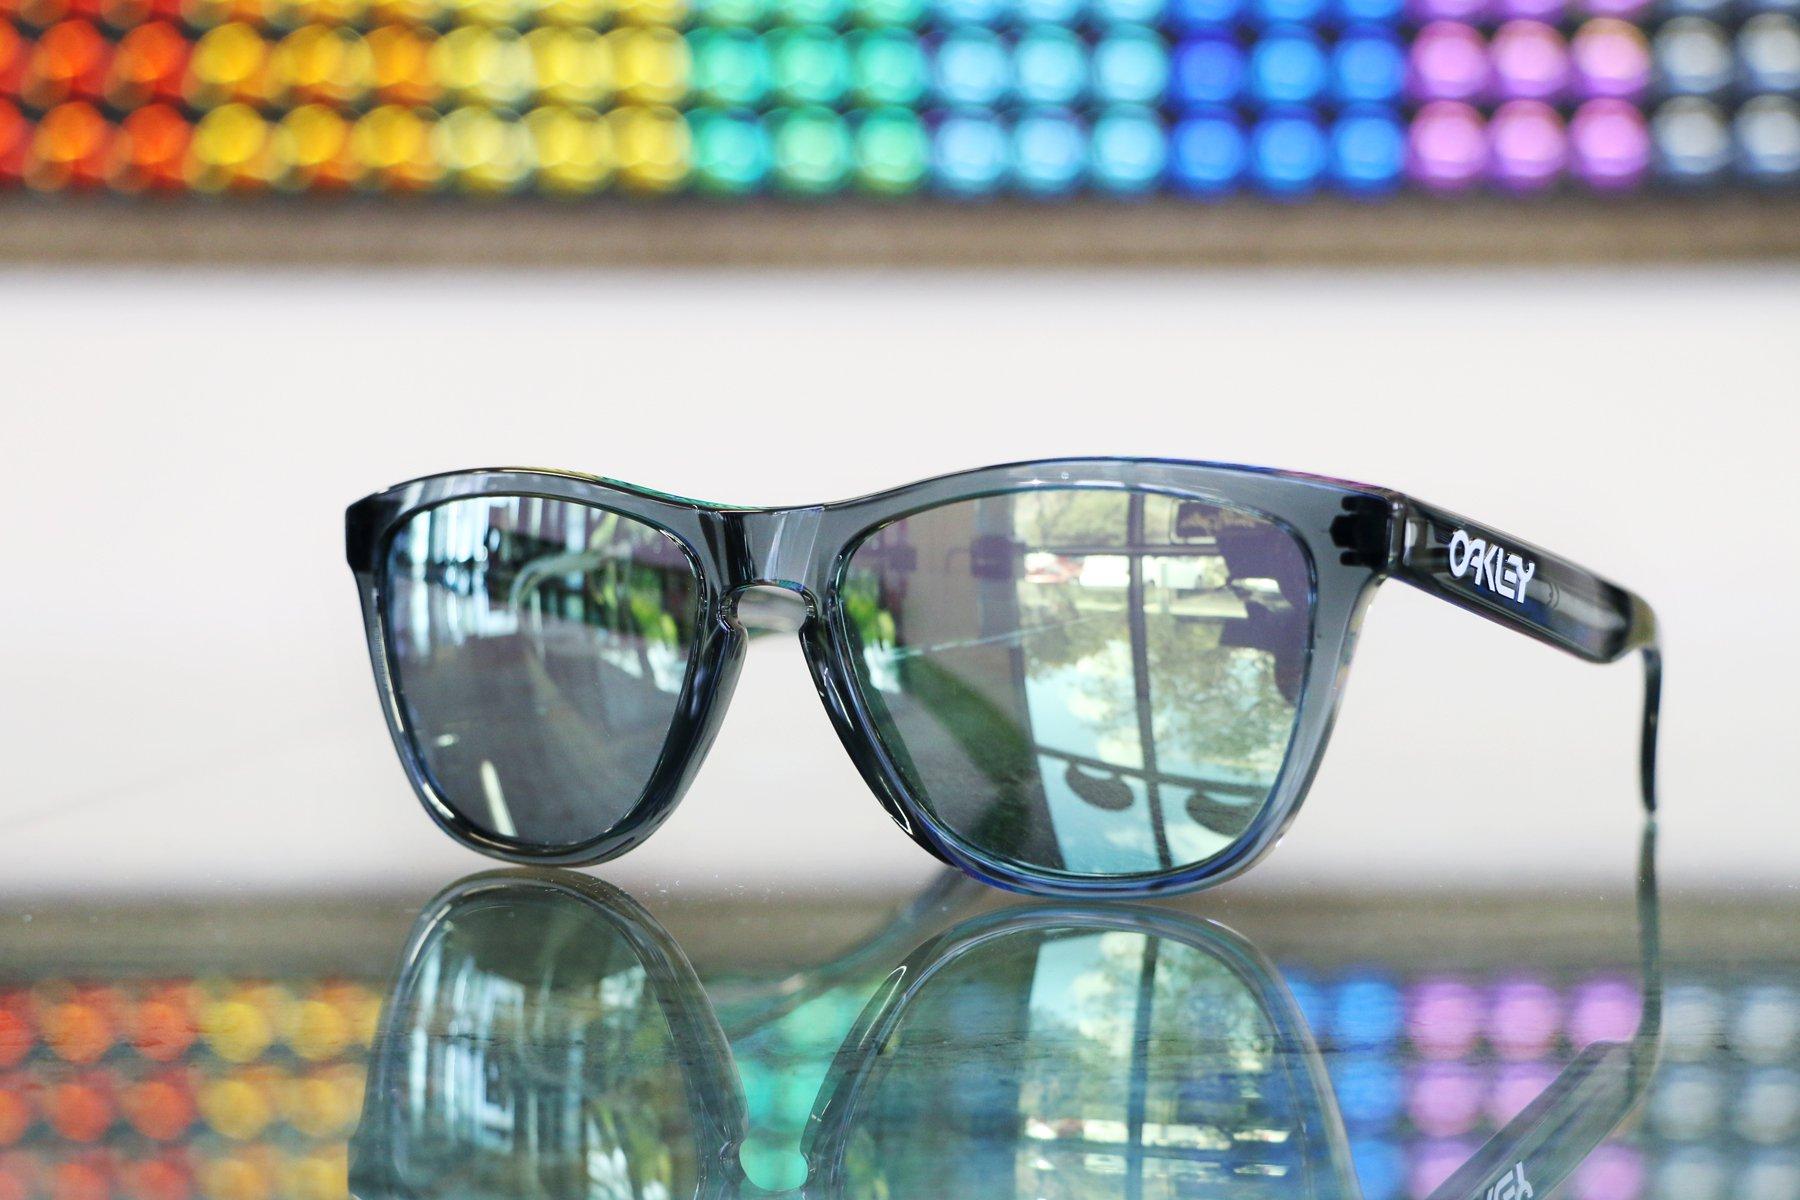 Oakley Frogskins, Oakley Prescription Sunglasses